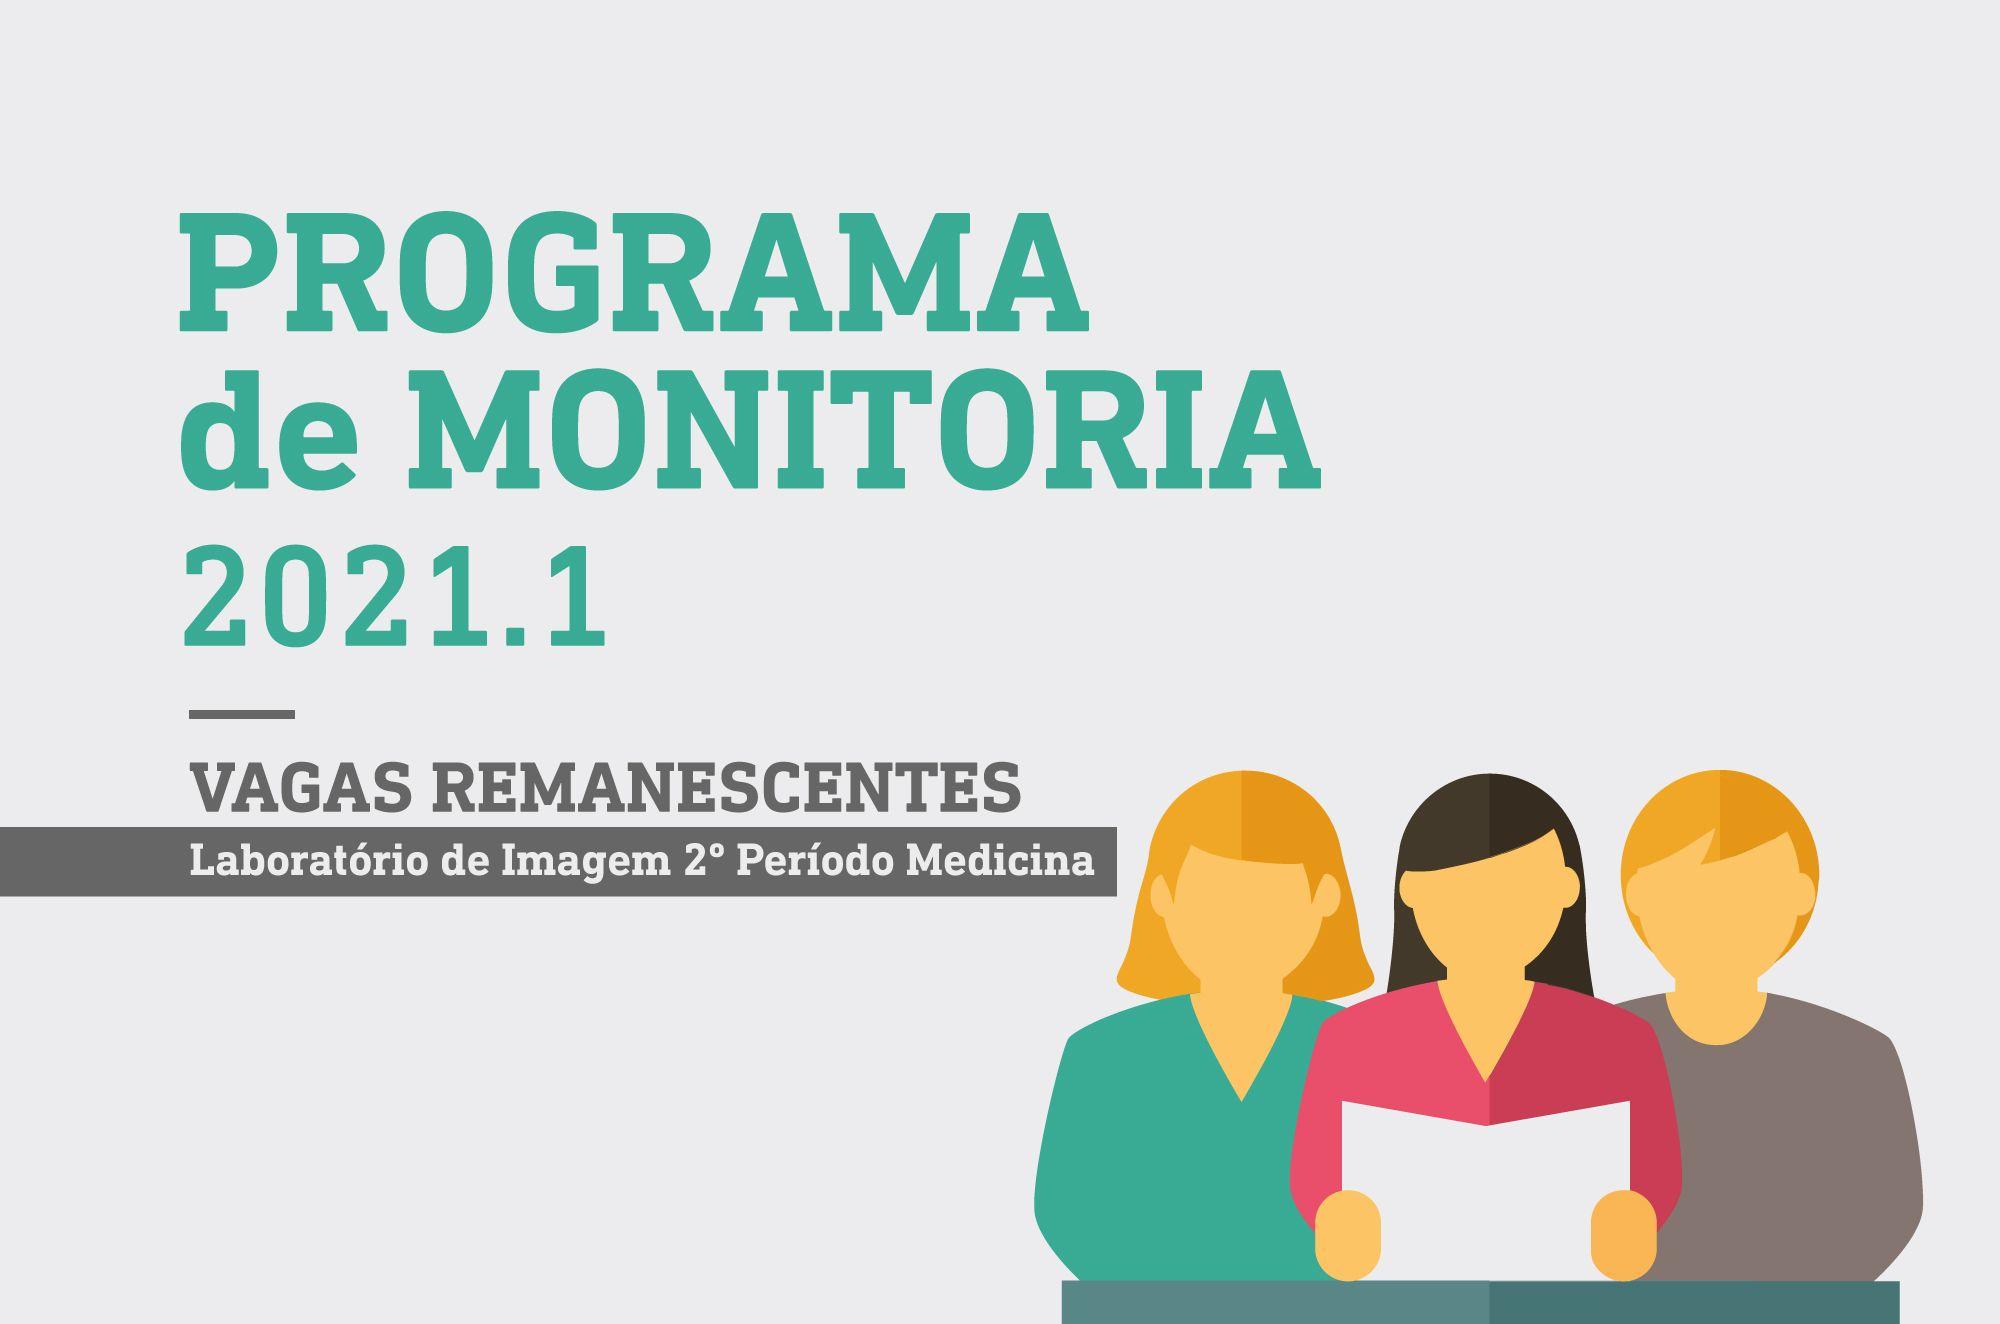 Programa de Monitoria 2021.1 - Vagas remanescentes Laboratório de Imagem